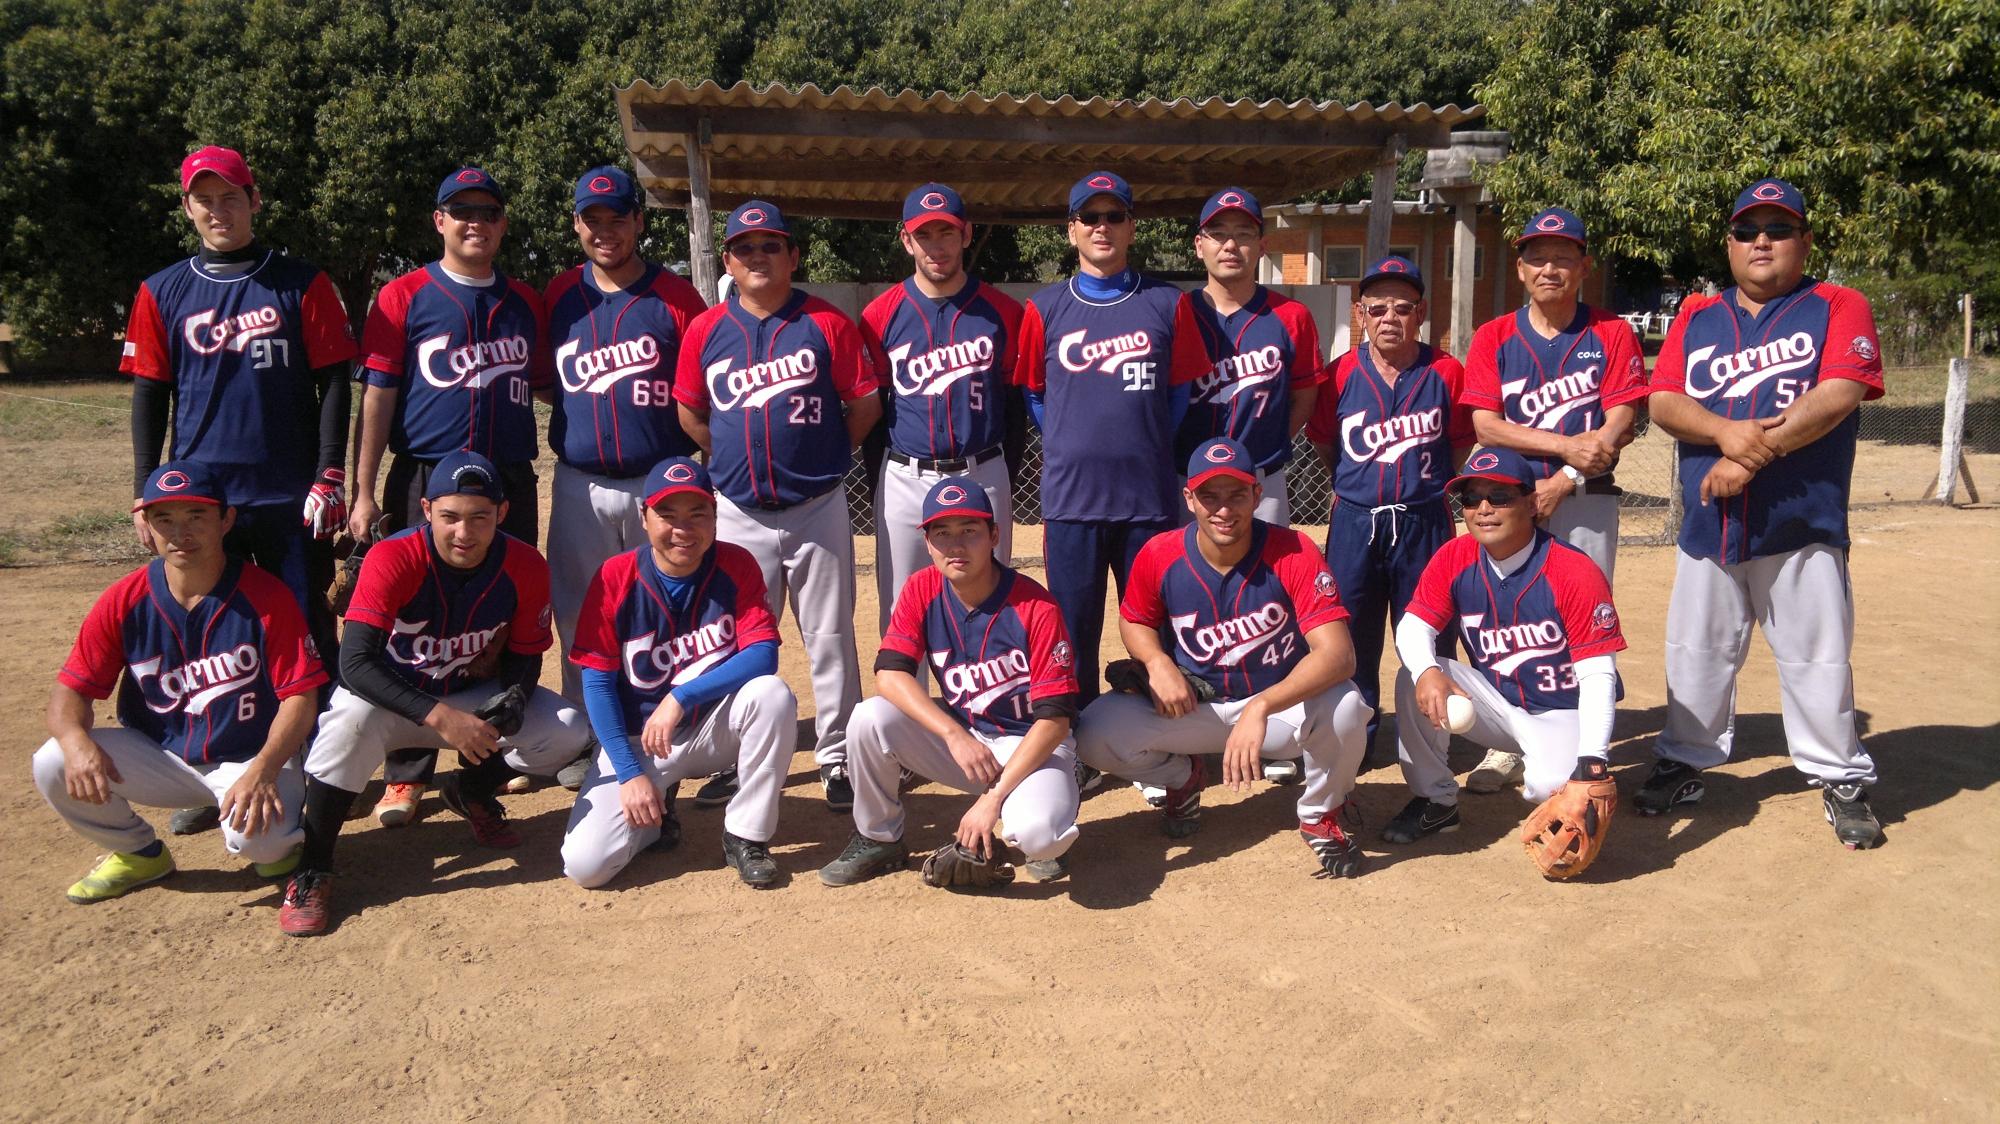 e30dabdc2c De pai para filho  beisebol é herança cultural japonesa no interior de  Minas